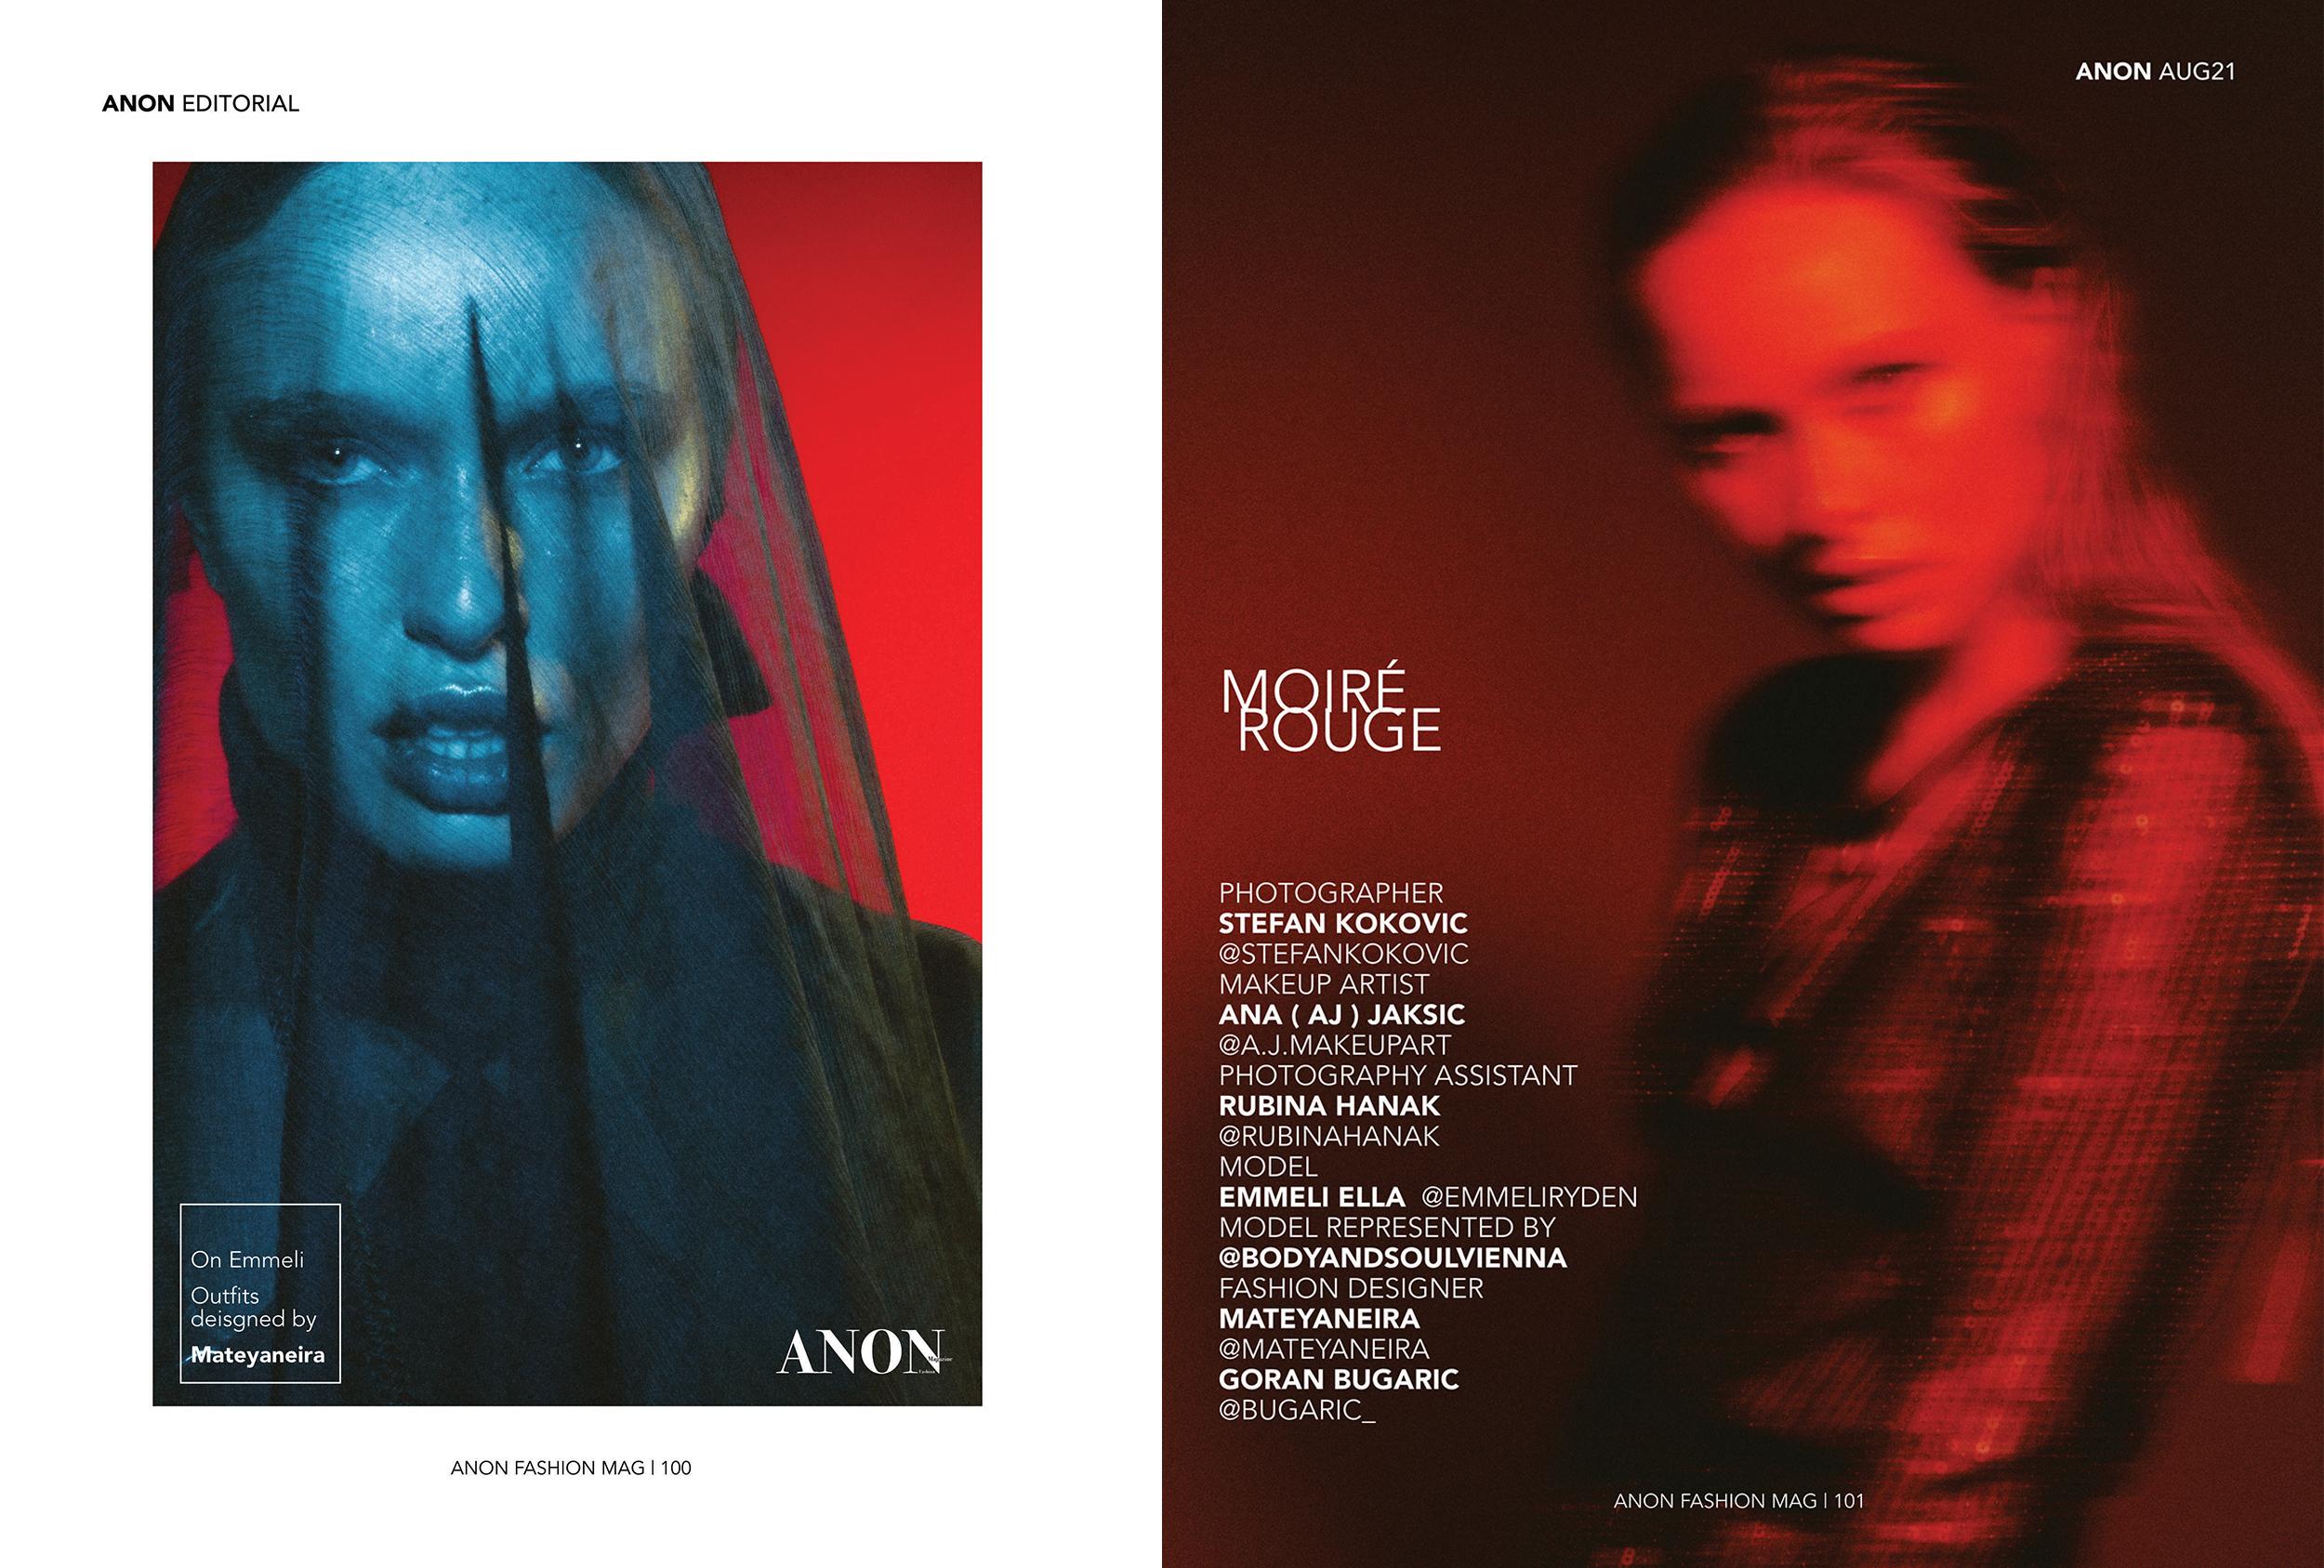 Moire Rouge - Stefan Kokovic